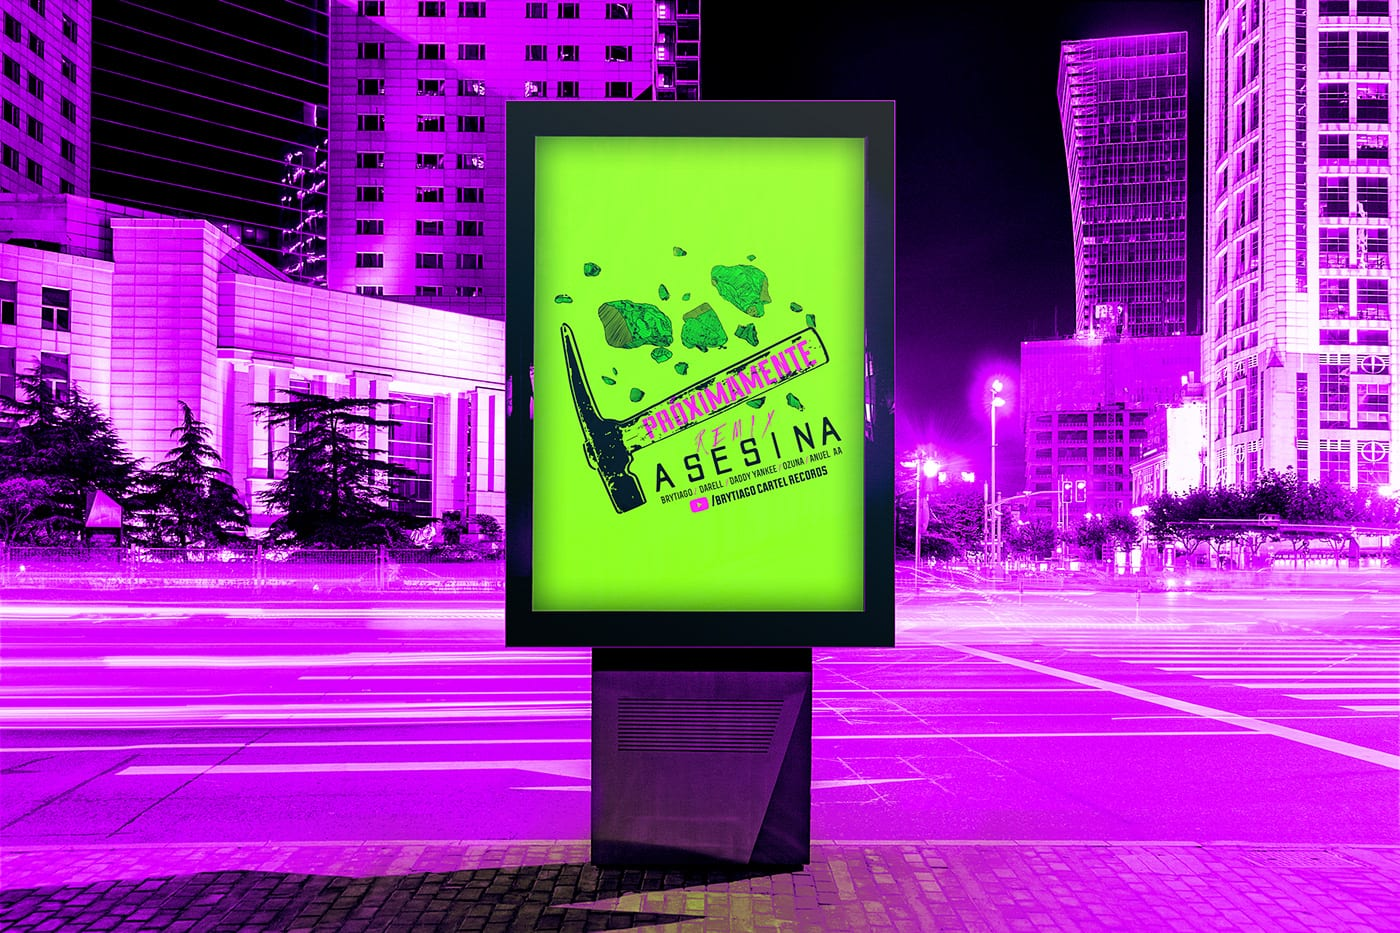 afiche en la calle verde limón fondo fucsia asesina 2heart